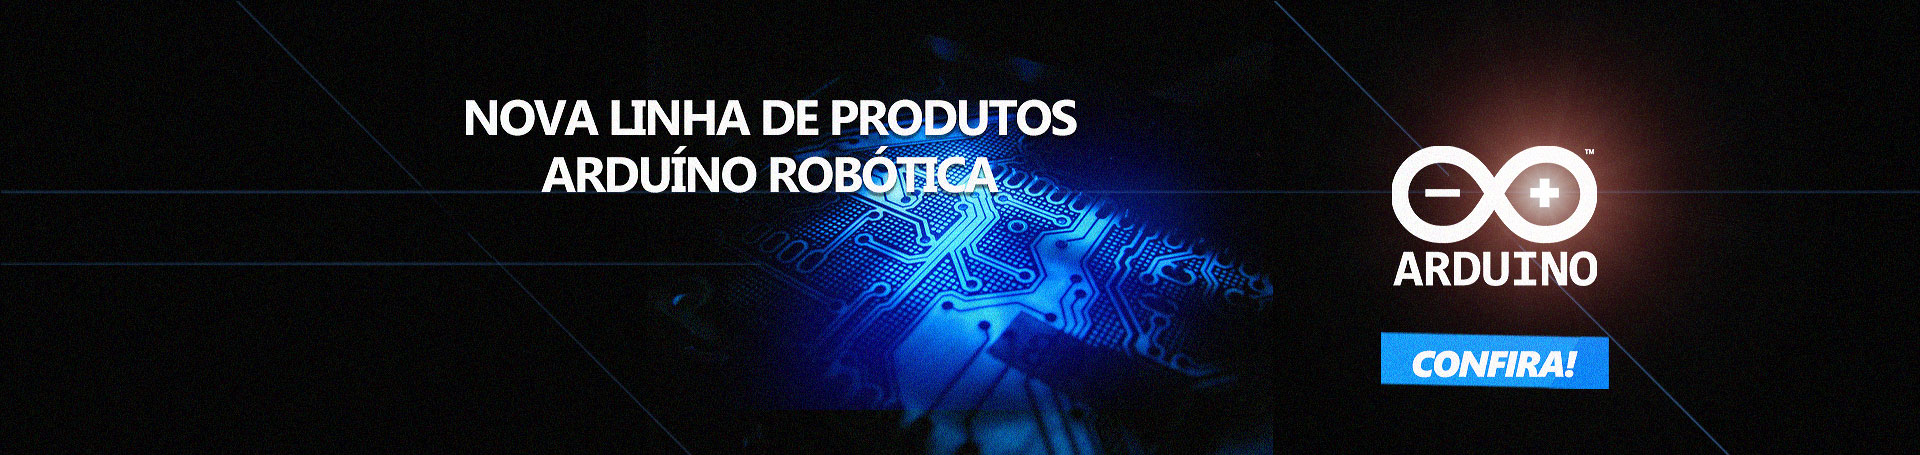 Linha Produto Arduino Robotica